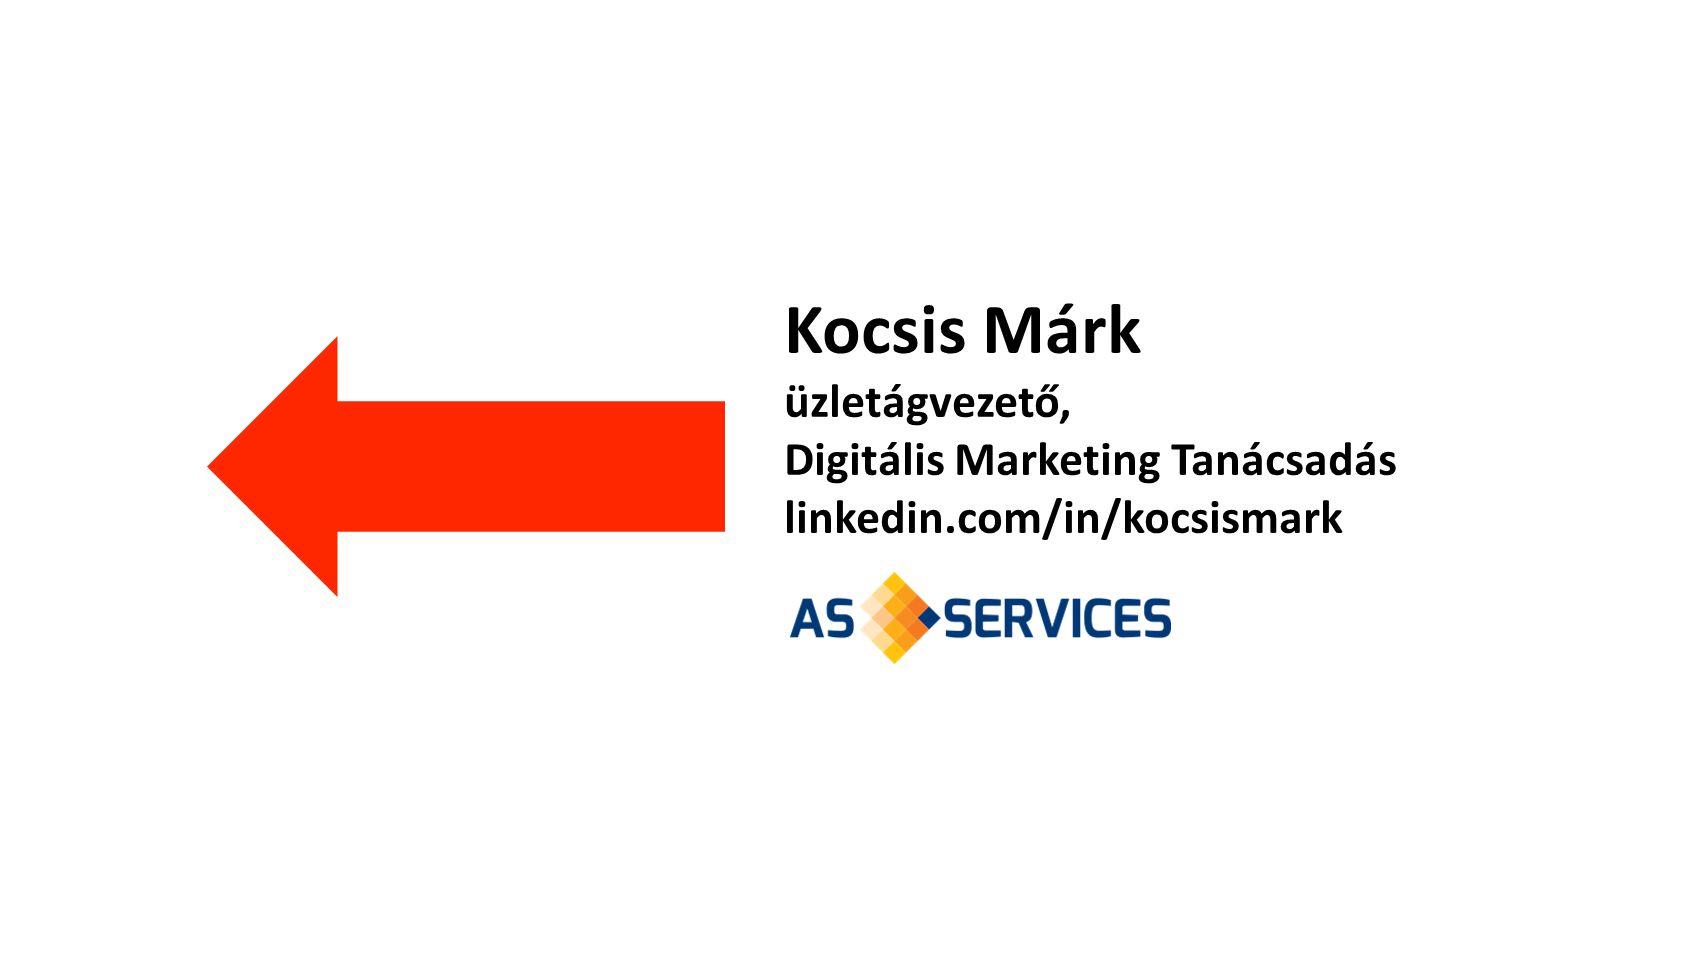 Kocsis Márk üzletágvezető, Digitális Marketing Tanácsadás